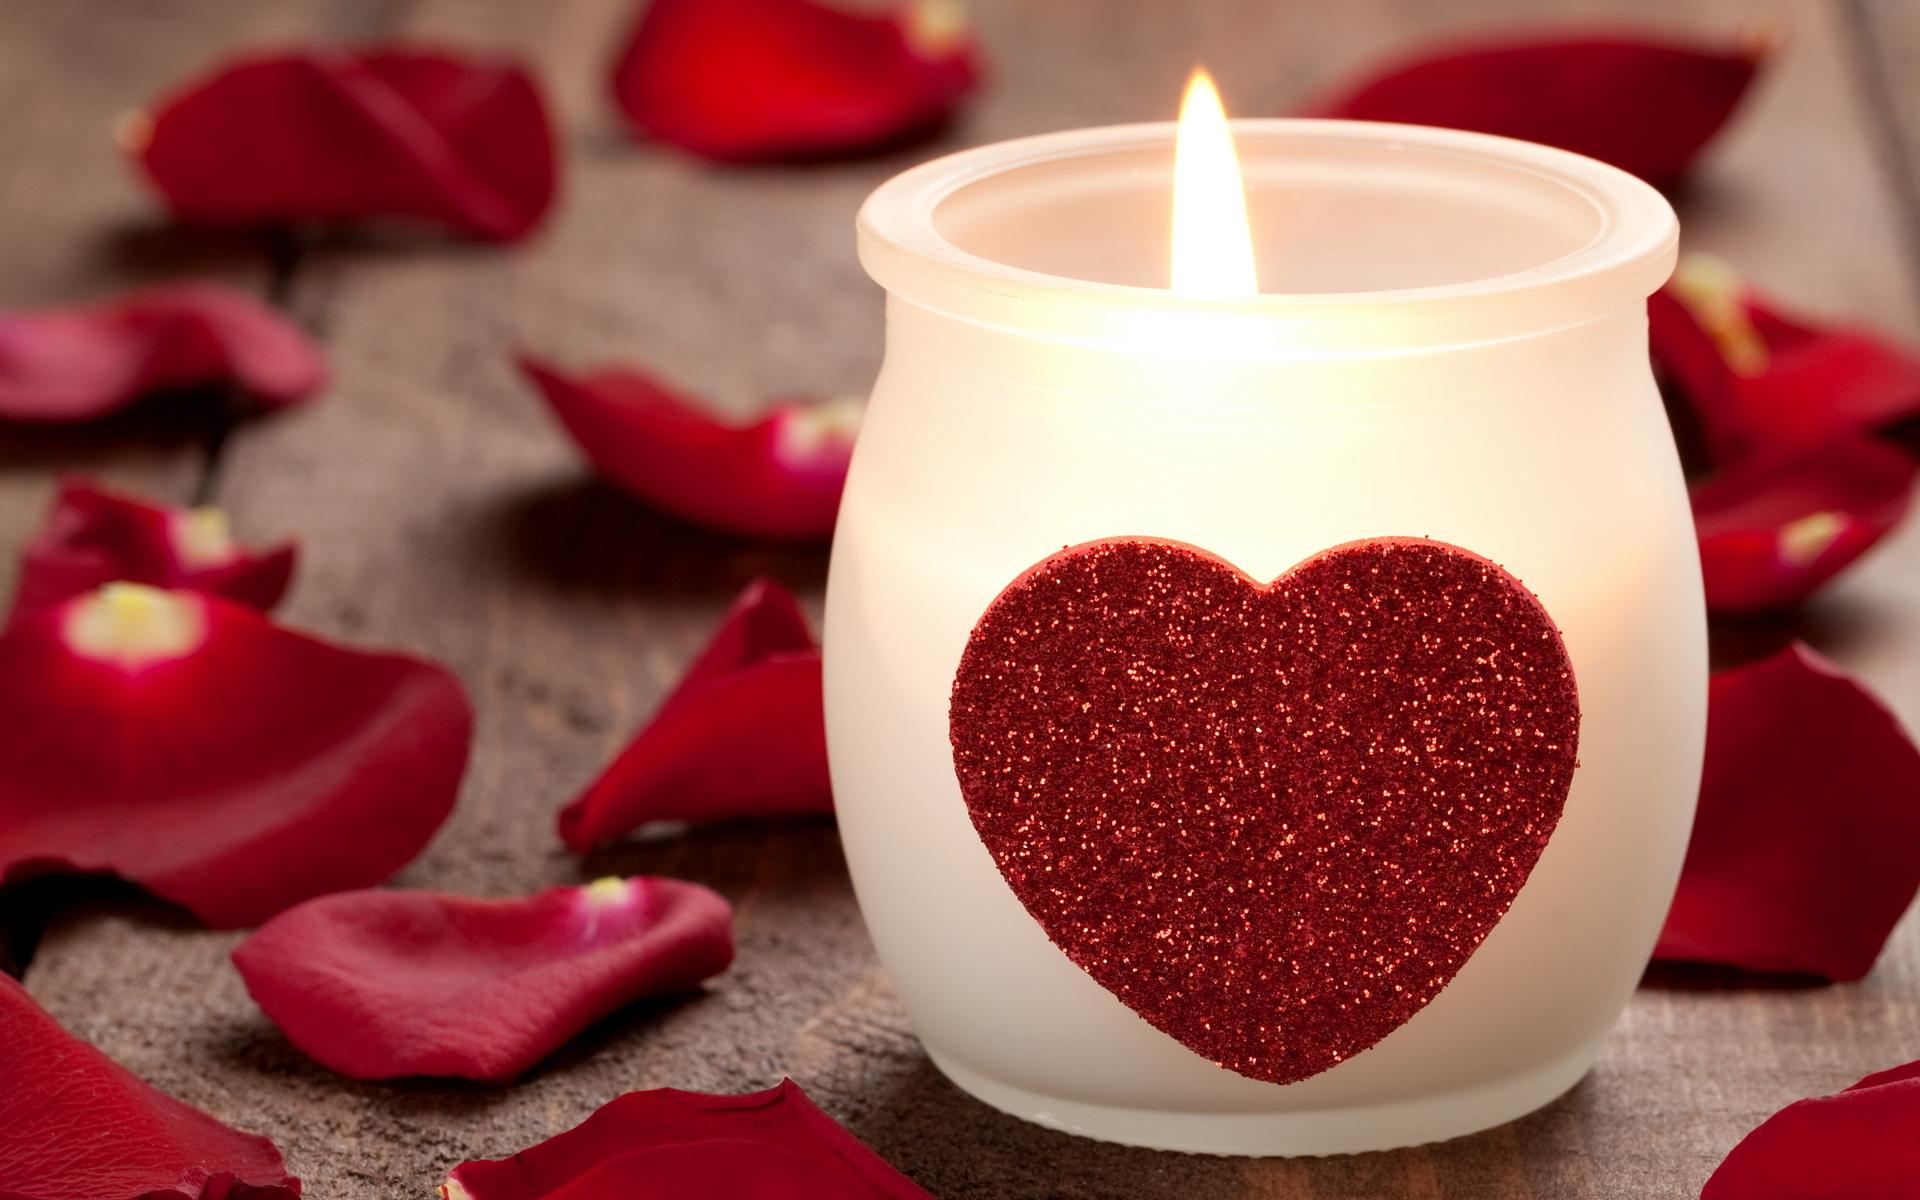 Скачать картинку Любовь, День Святого Валентина (Valentine's Day), Свечи, Праздники, Сердца в телефон бесплатно.